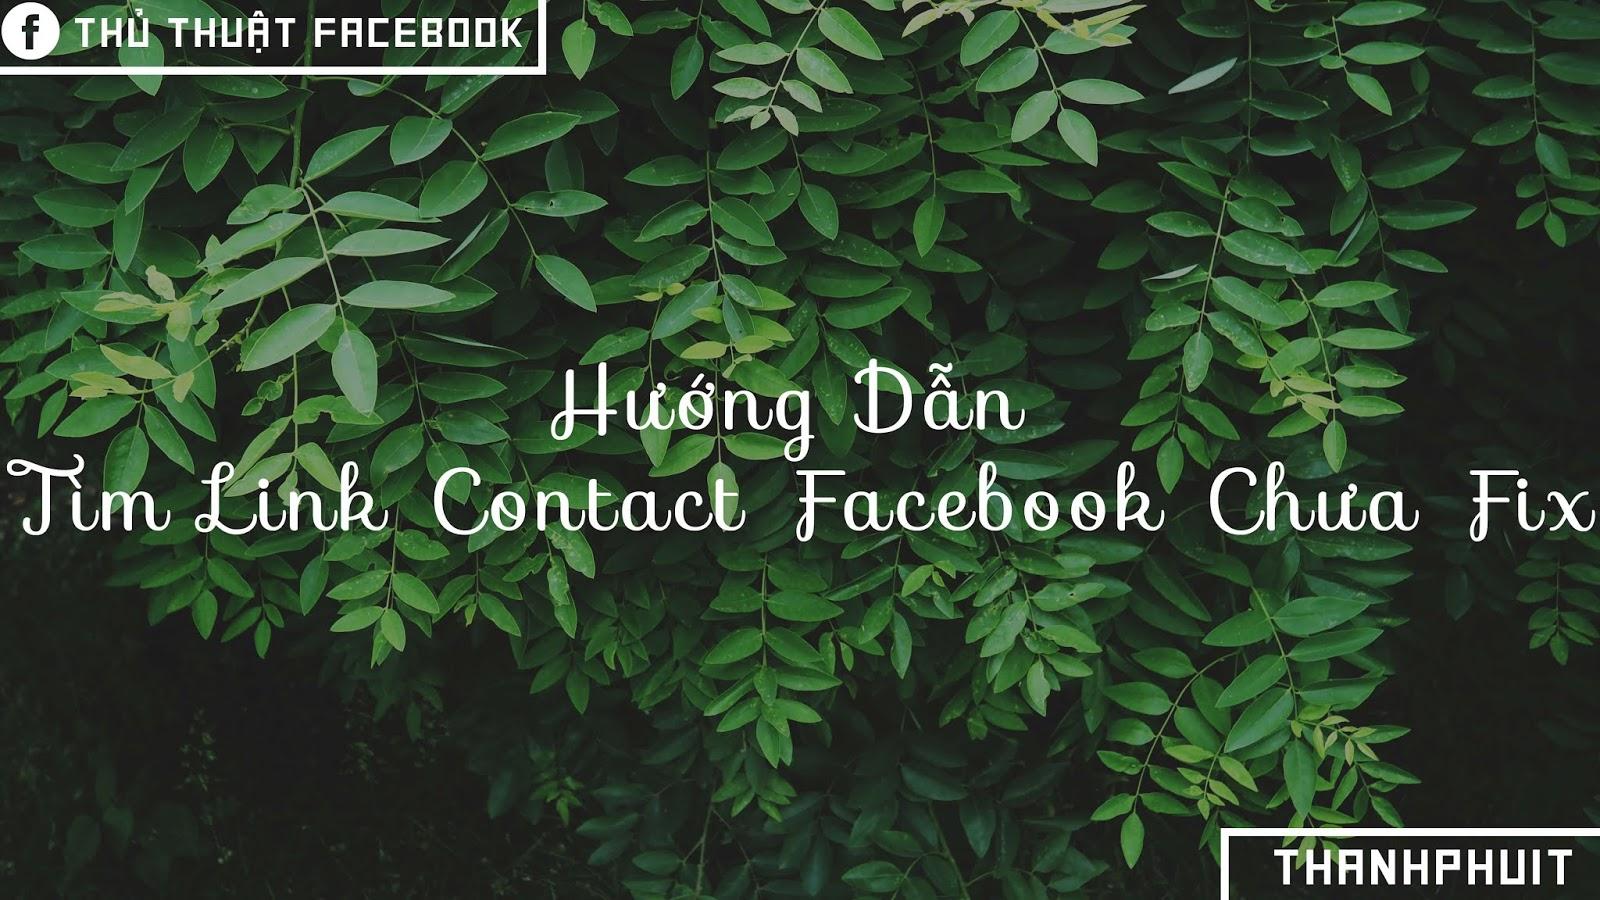 Hướng Dẫn Tìm Link Contact Facebook Chưa Fix